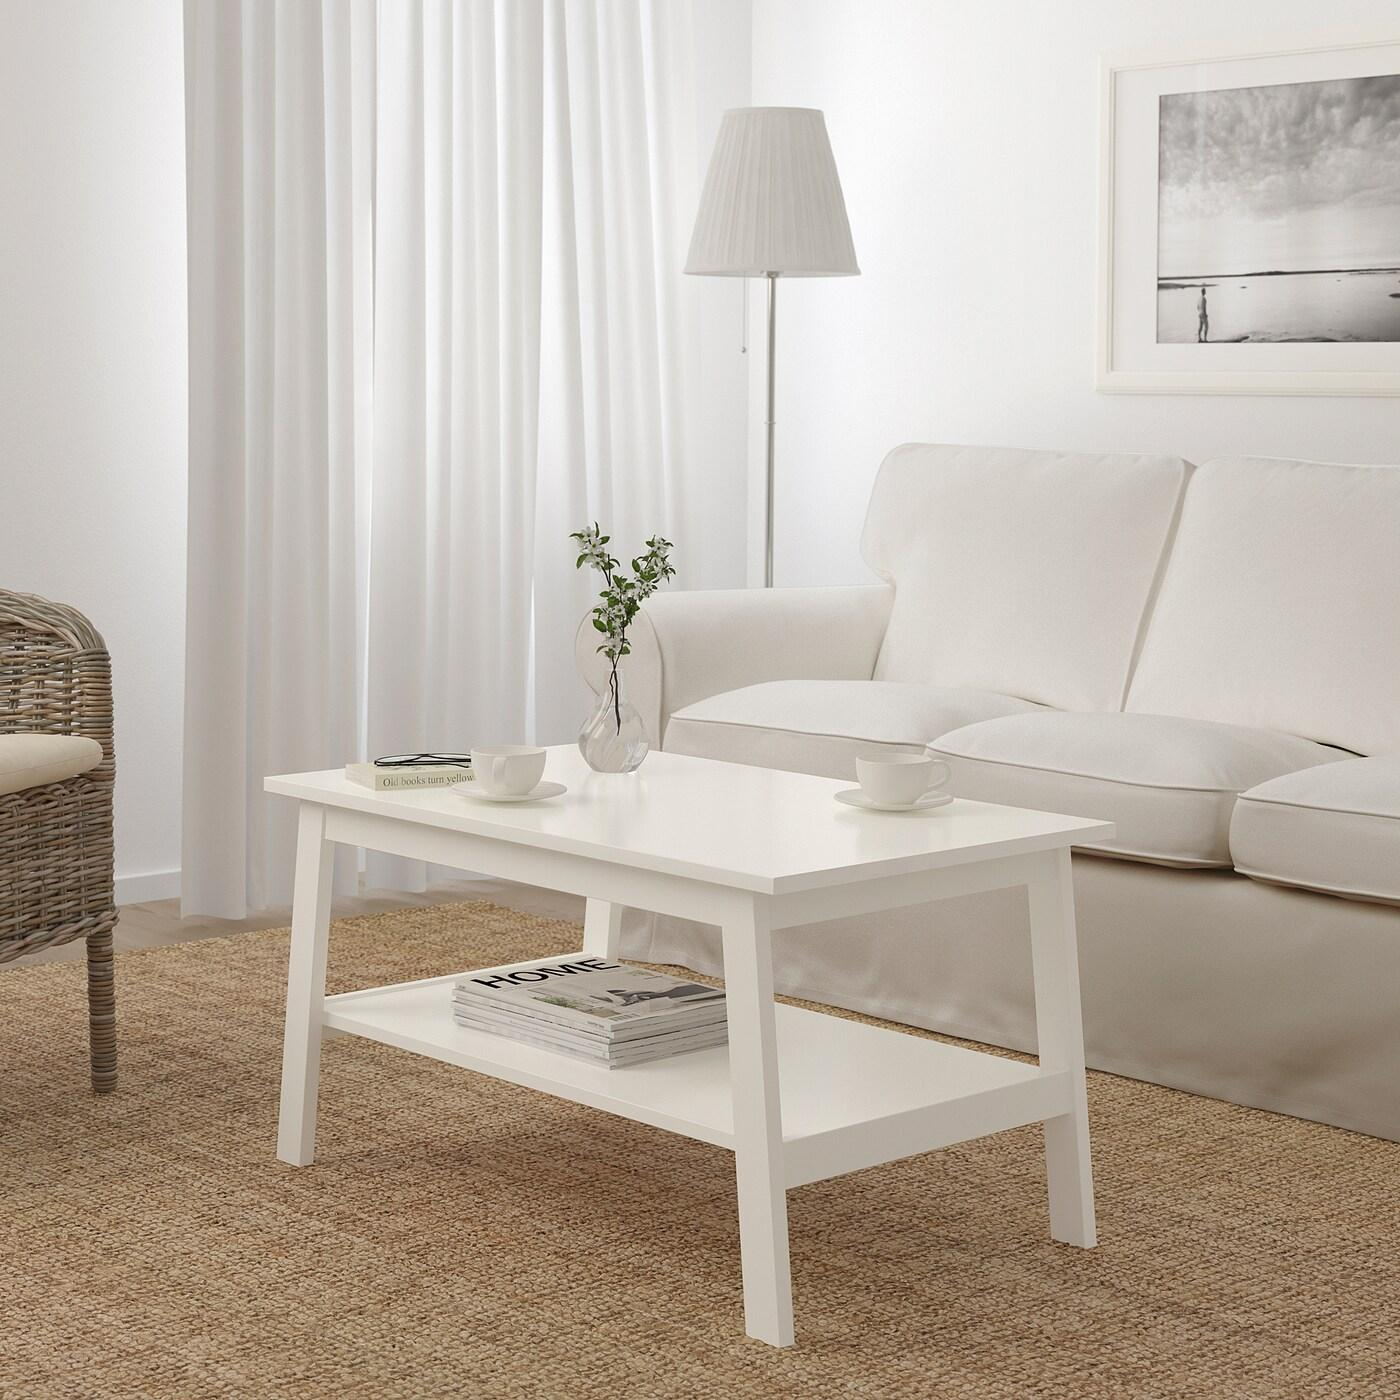 Ikea Beistelltische Weiß